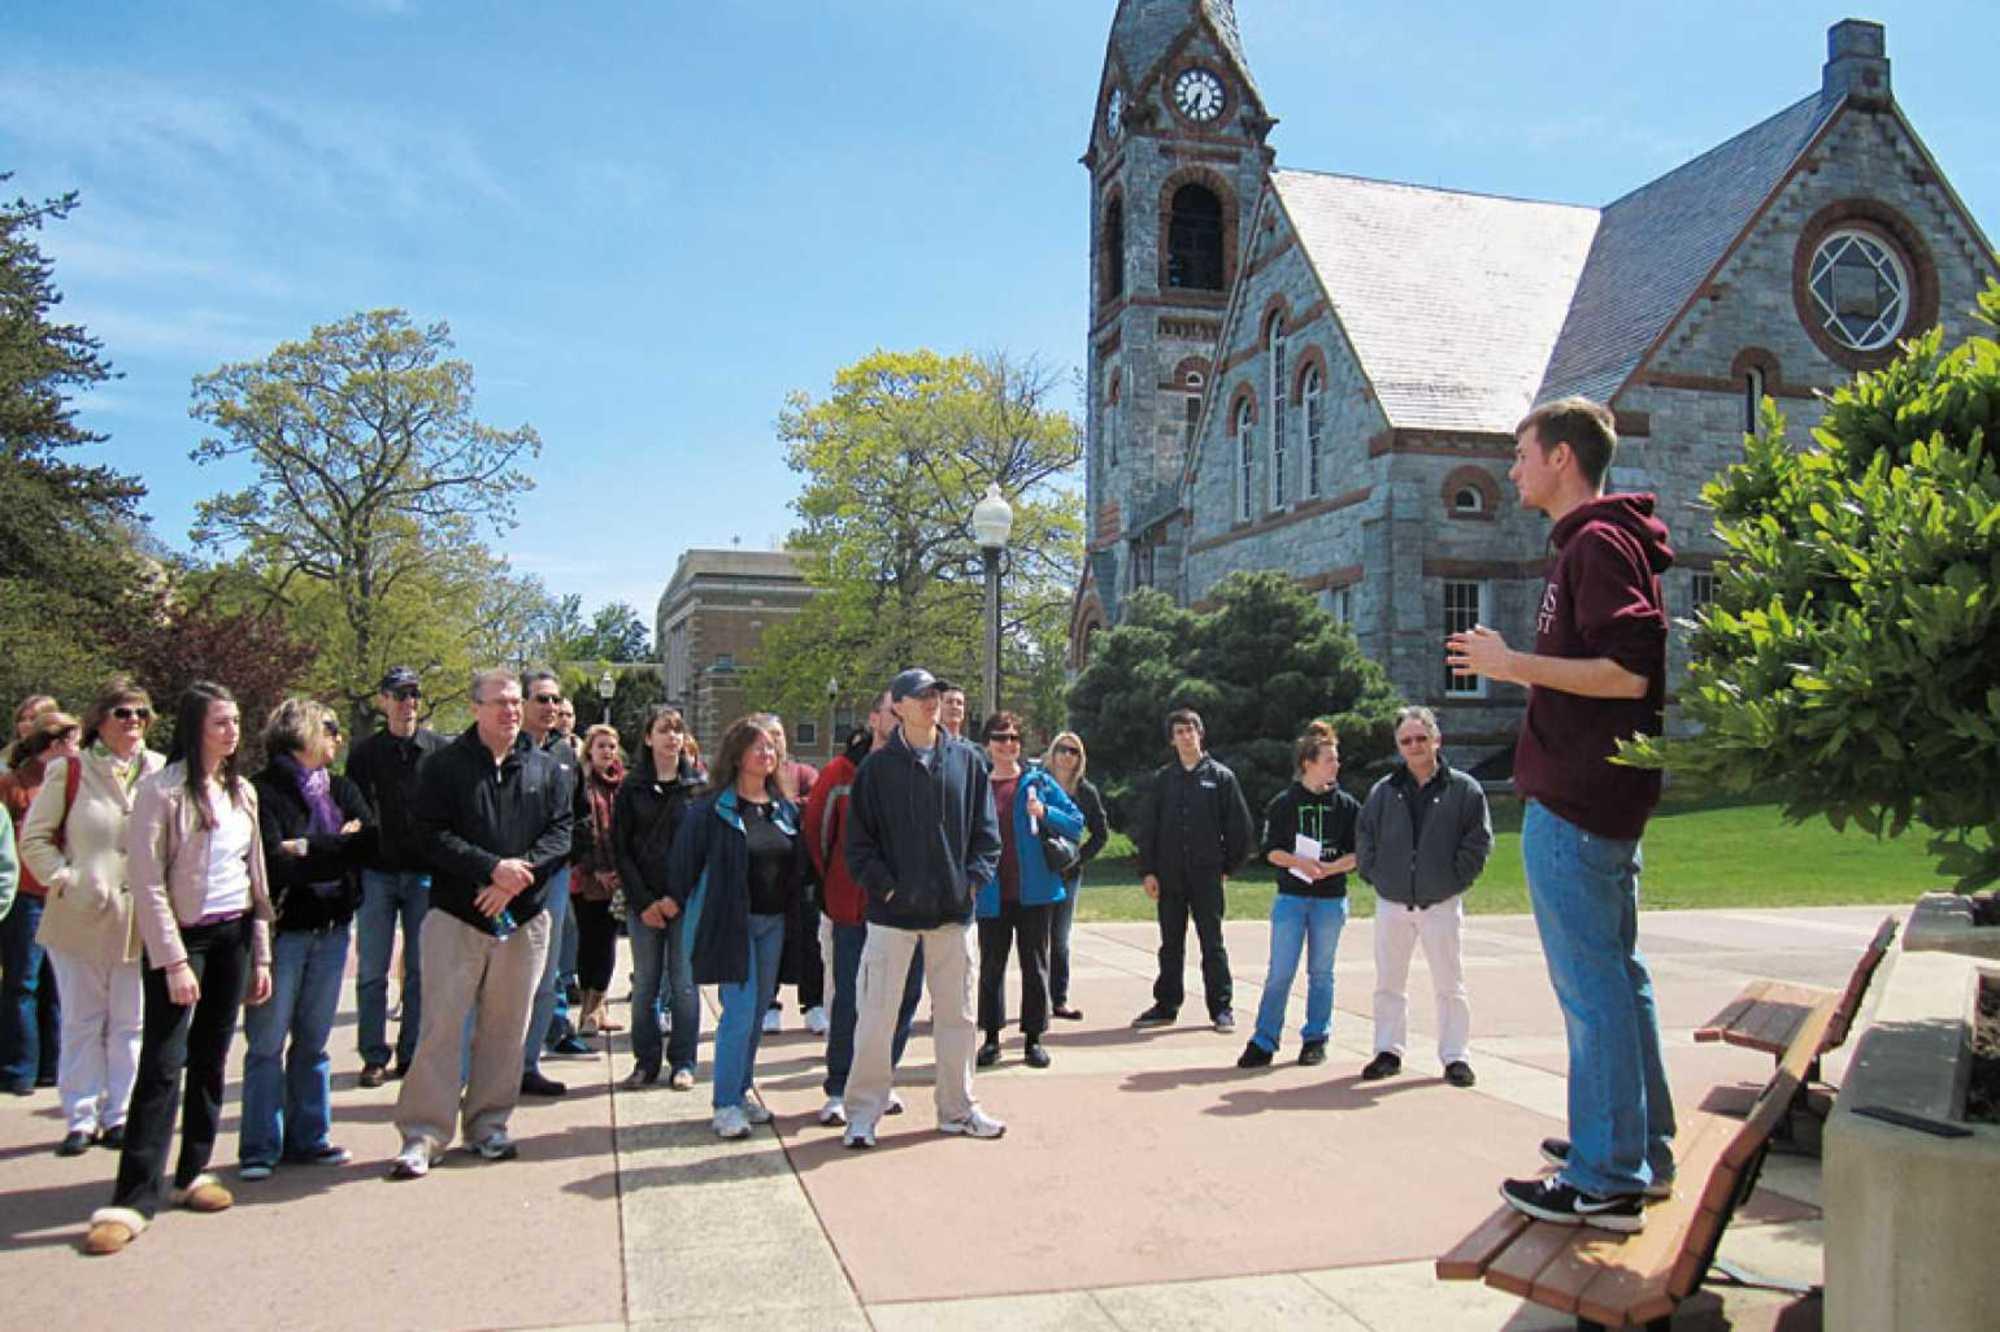 verano-trabajos-para-estudiantes-universitarios-guía-turística